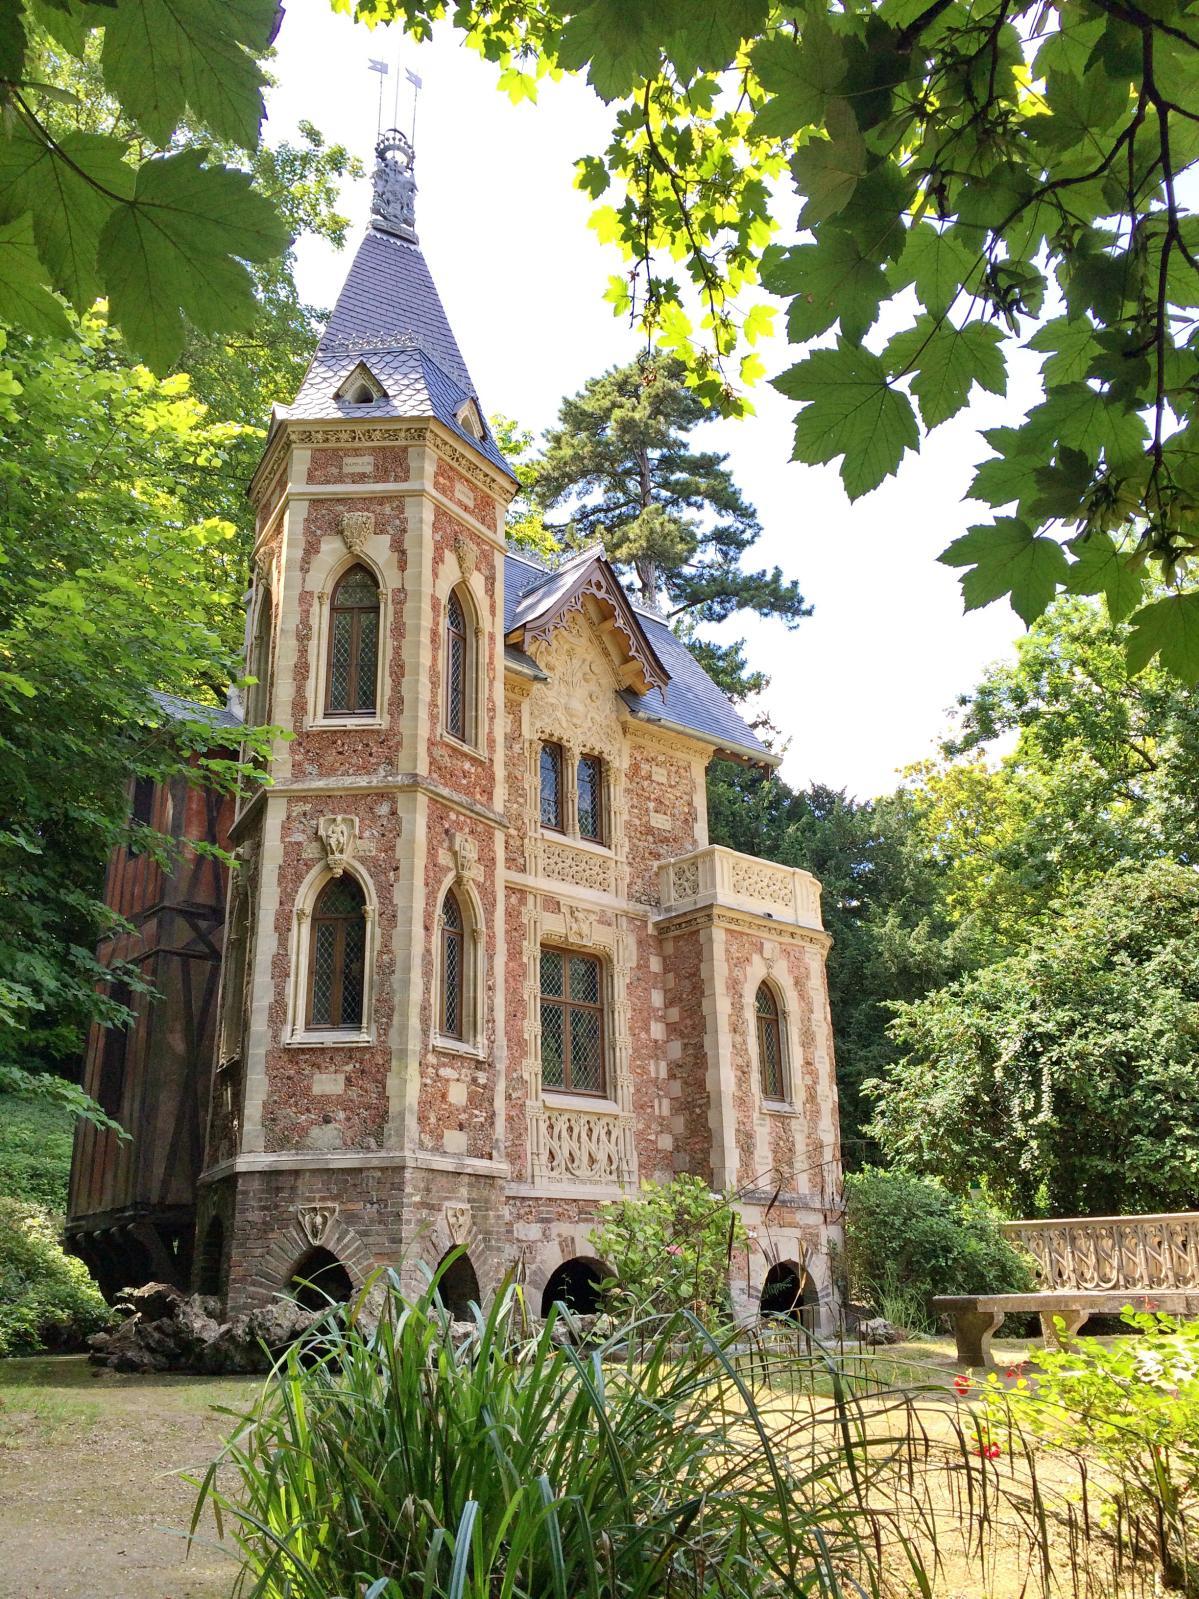 Le château d'If et son architecture néogothique.